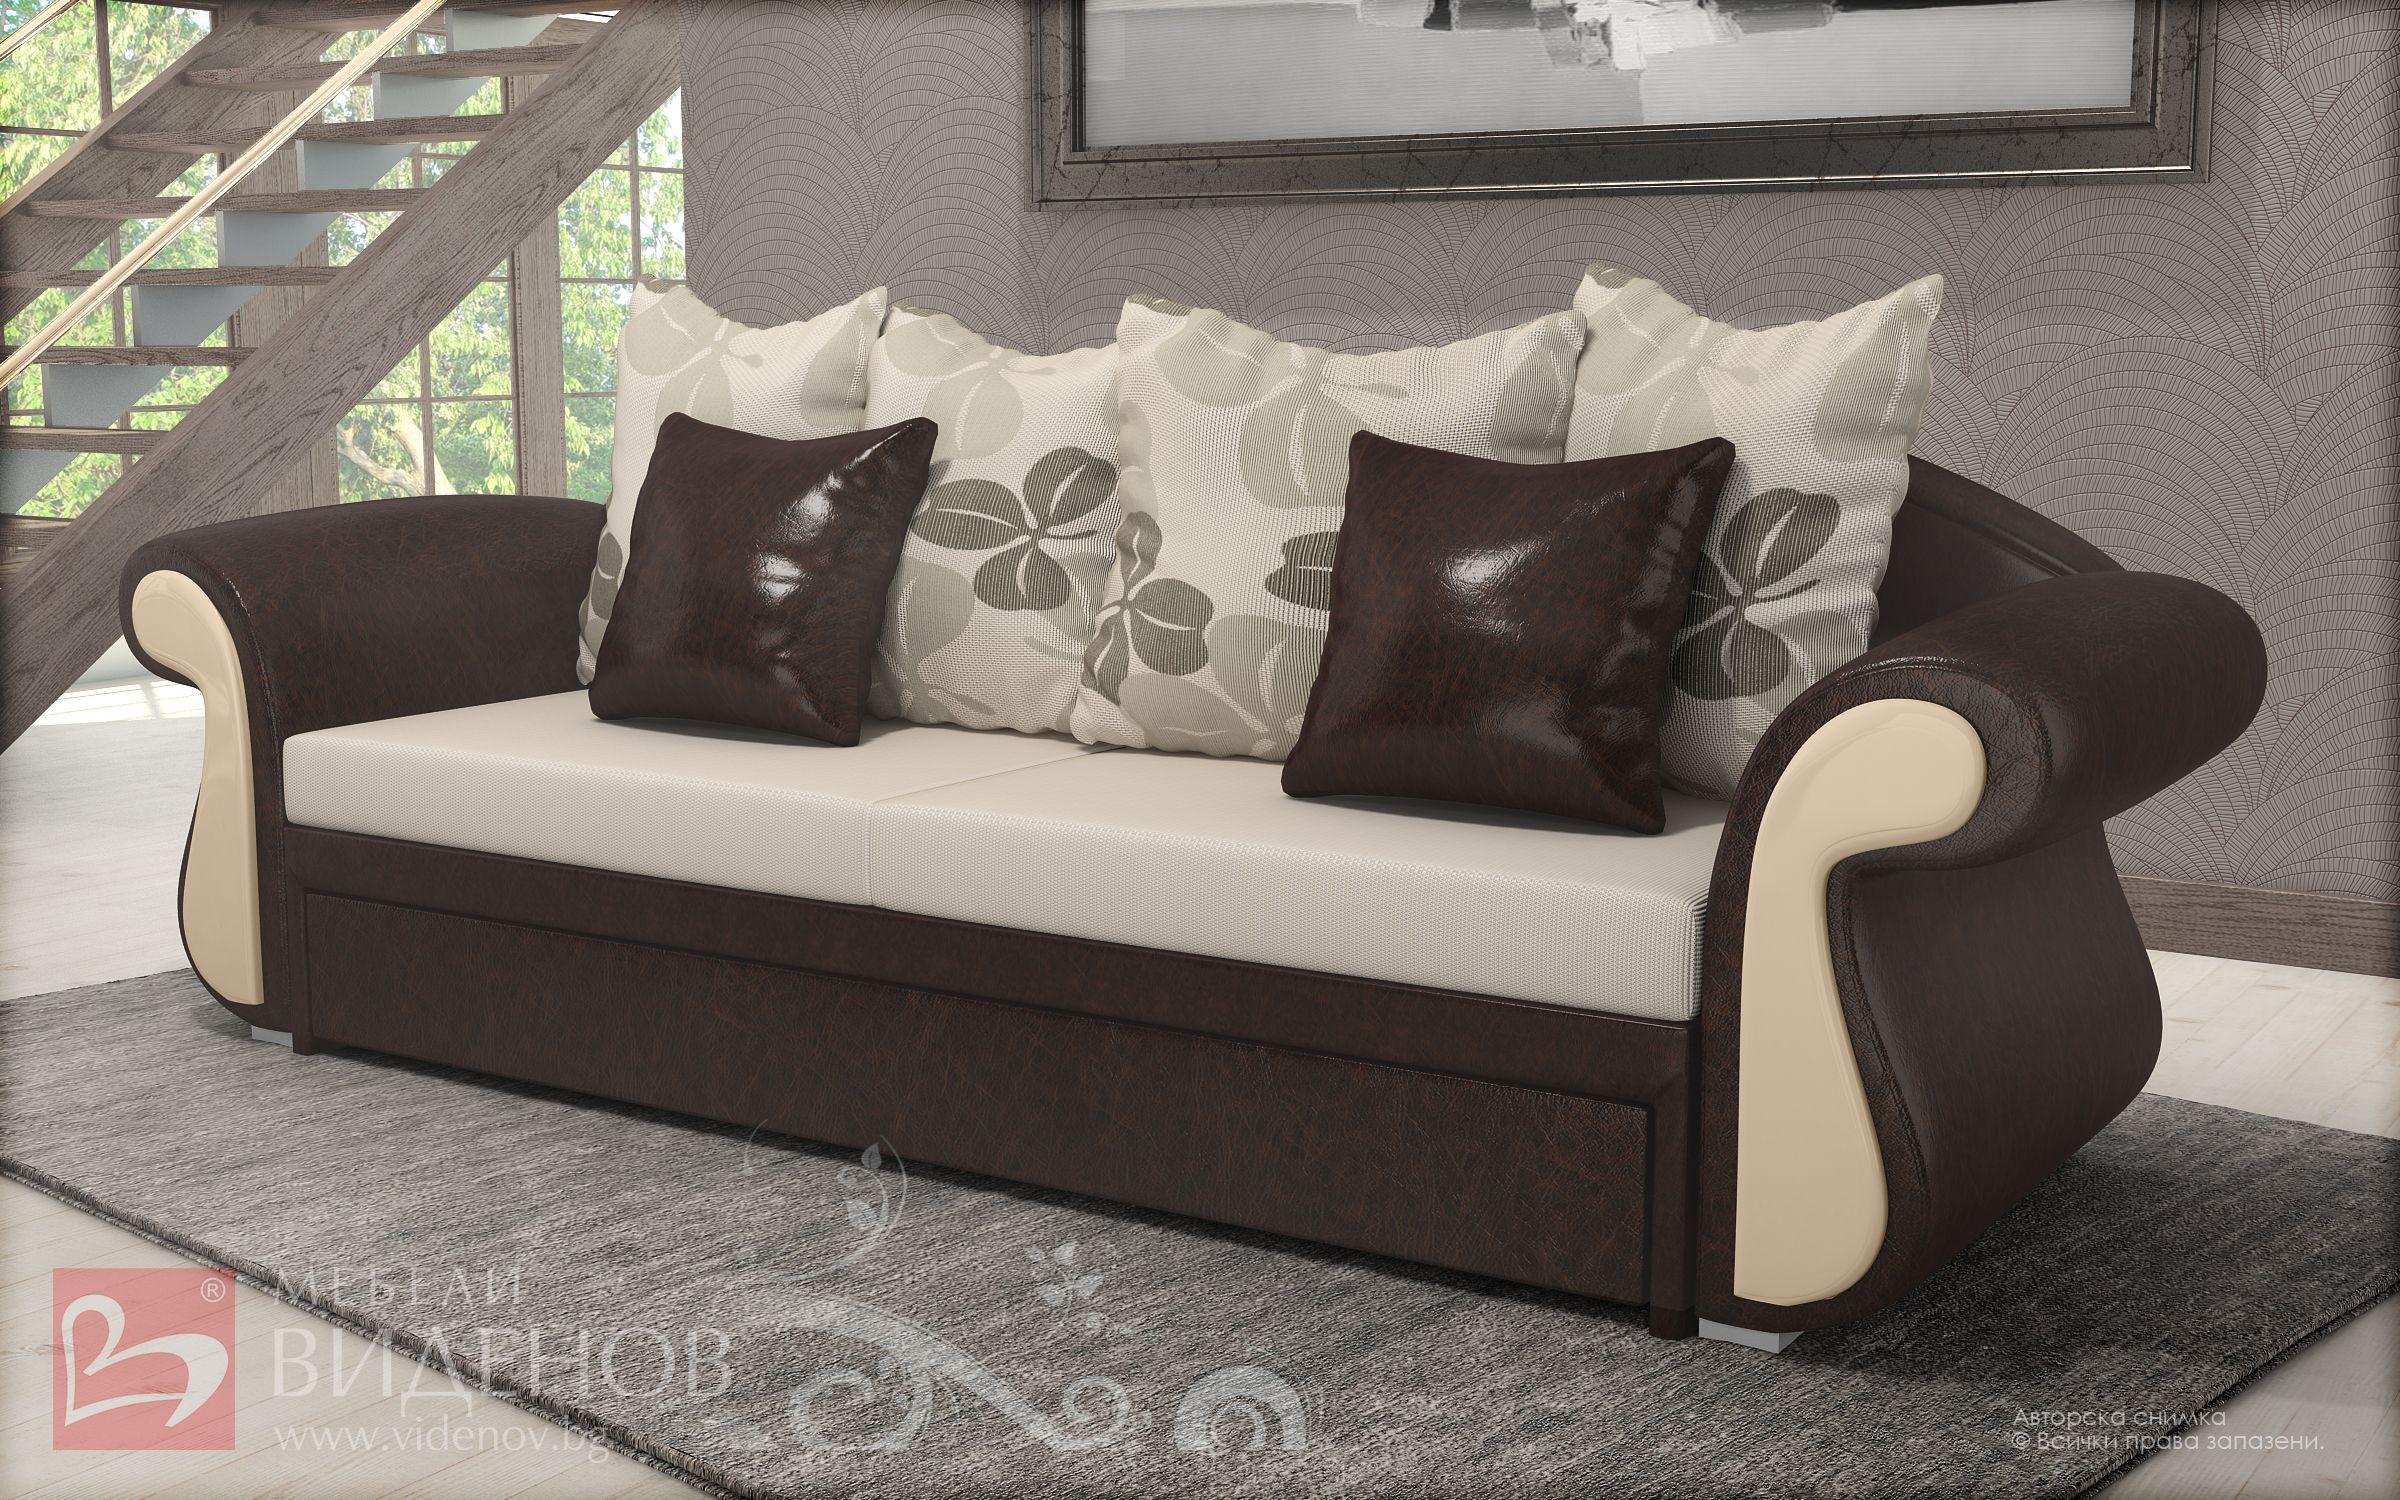 Канапе Франсис Цена 469 лв Furniture, Love seat, Home